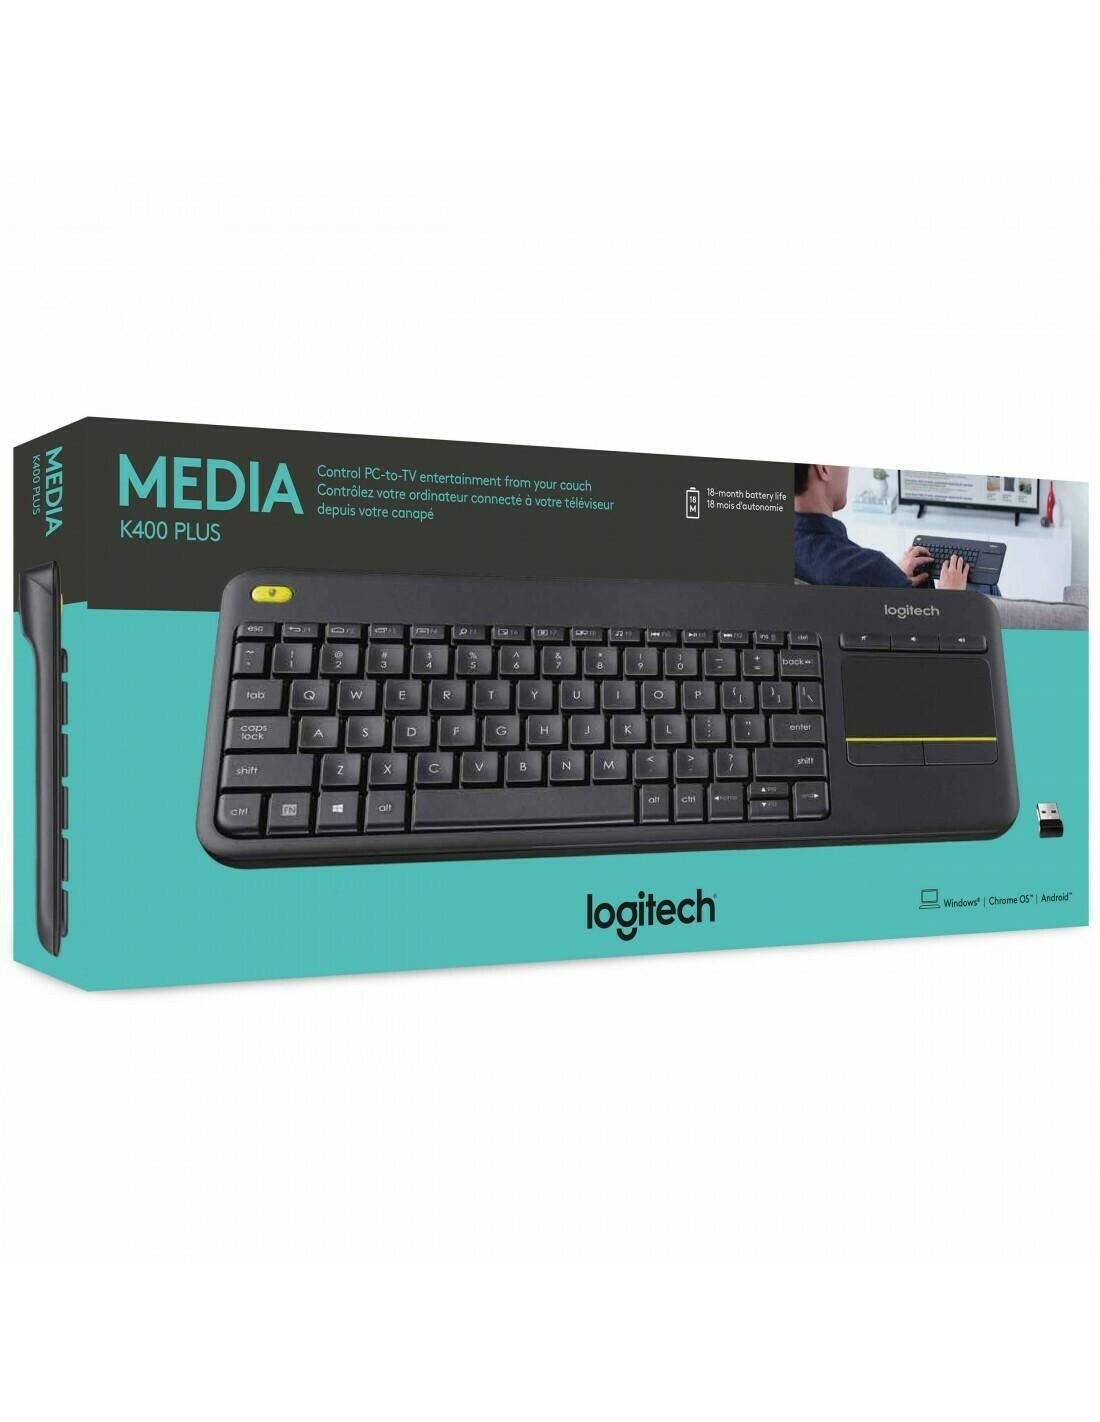 Logitech K400 Plus Wireless Touch Pad keyboard